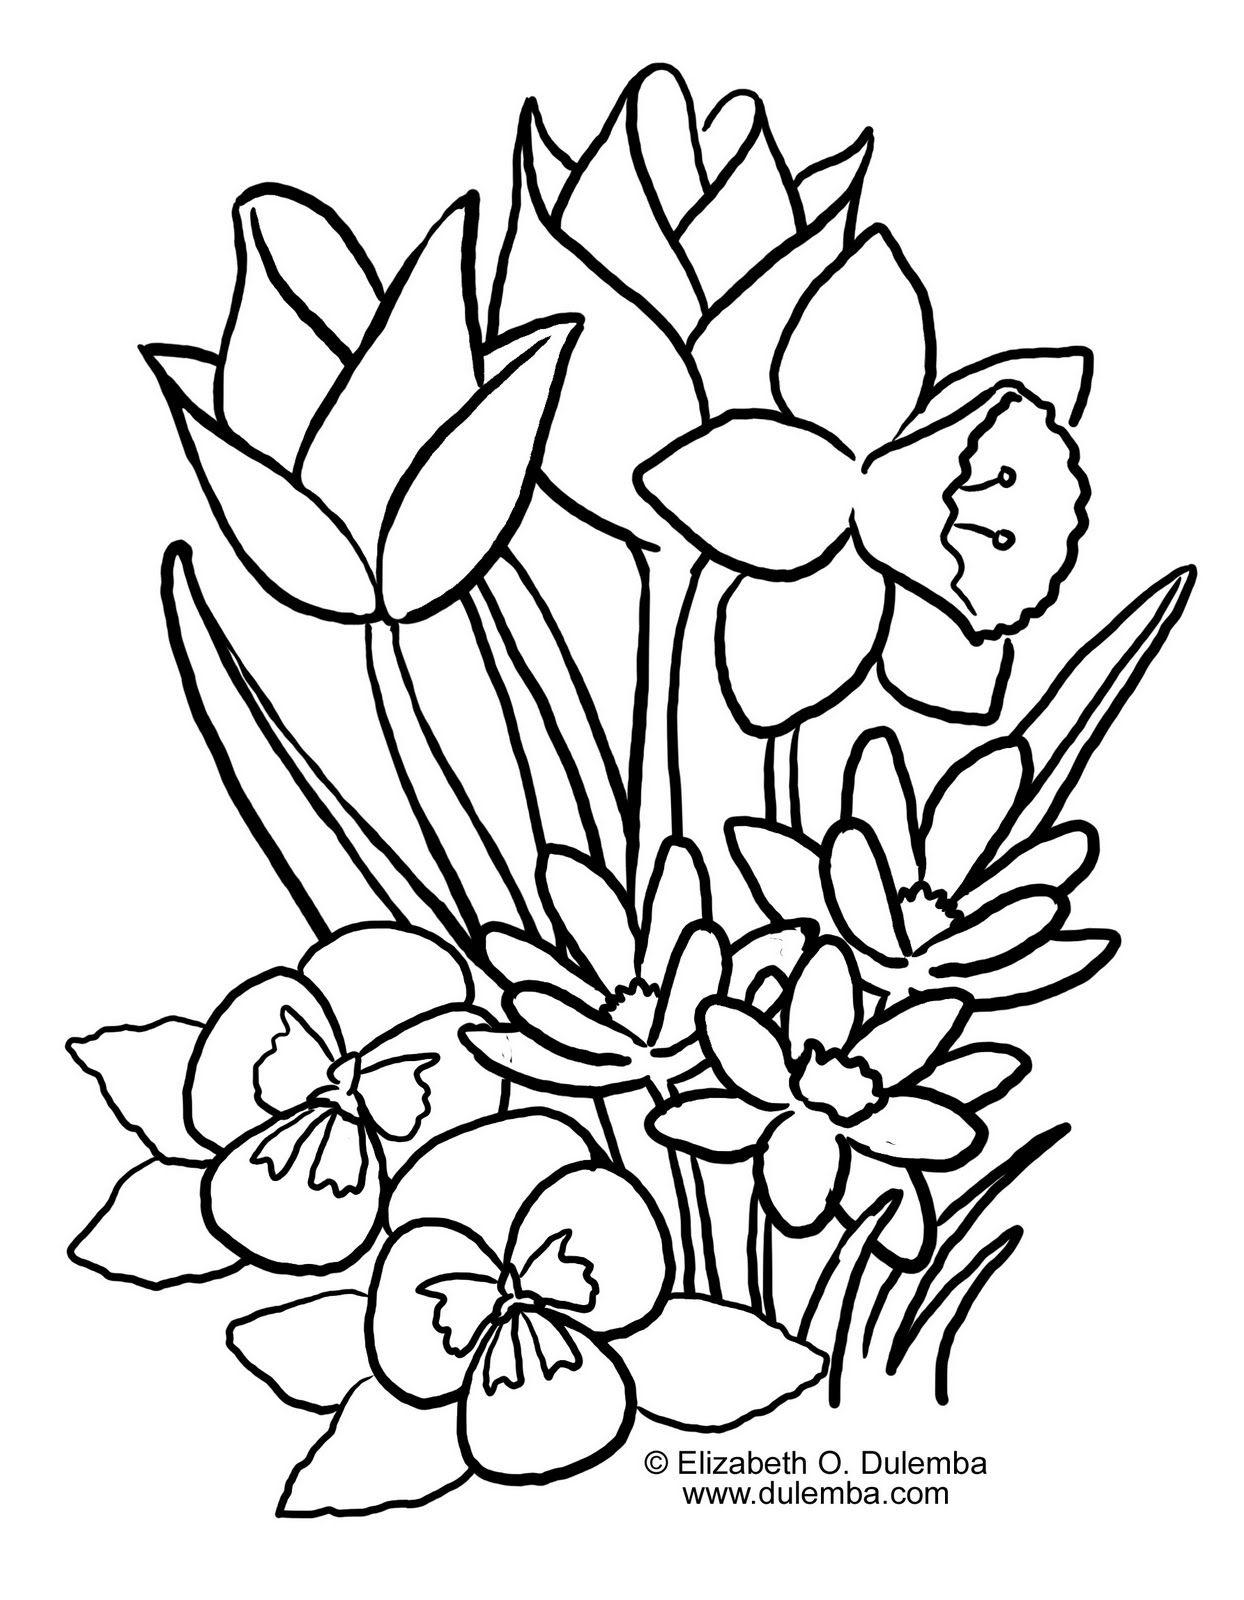 Раскраска: весна пришла